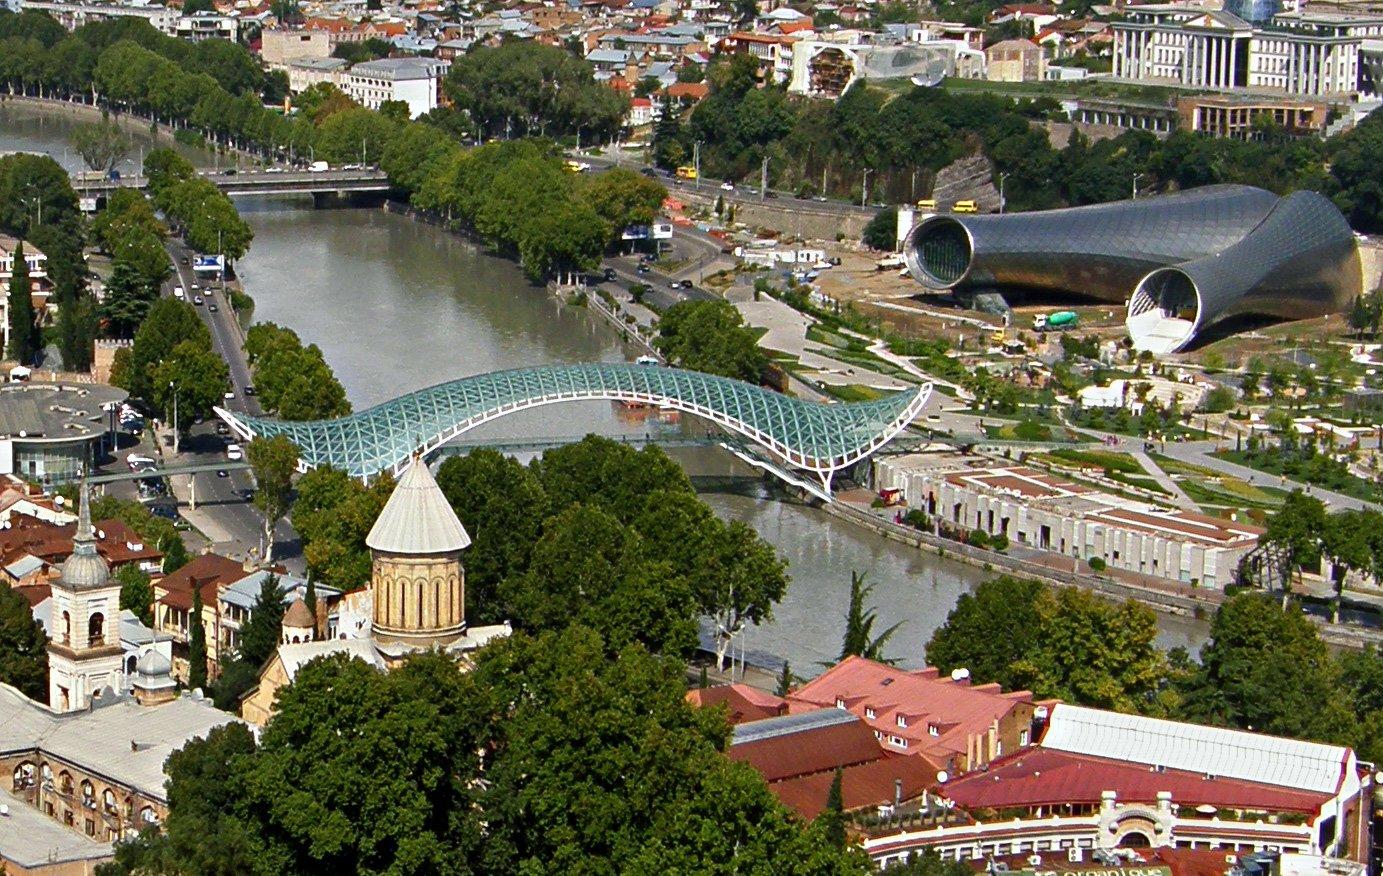 Nowoczesne budowle wTbilisi- Most pokoju iFilharmonia Nowoczesne budowle wTbilisi- Most pokoju iFilharmonia Źródło: T. Maniewski, licencja: CC BY 3.0.